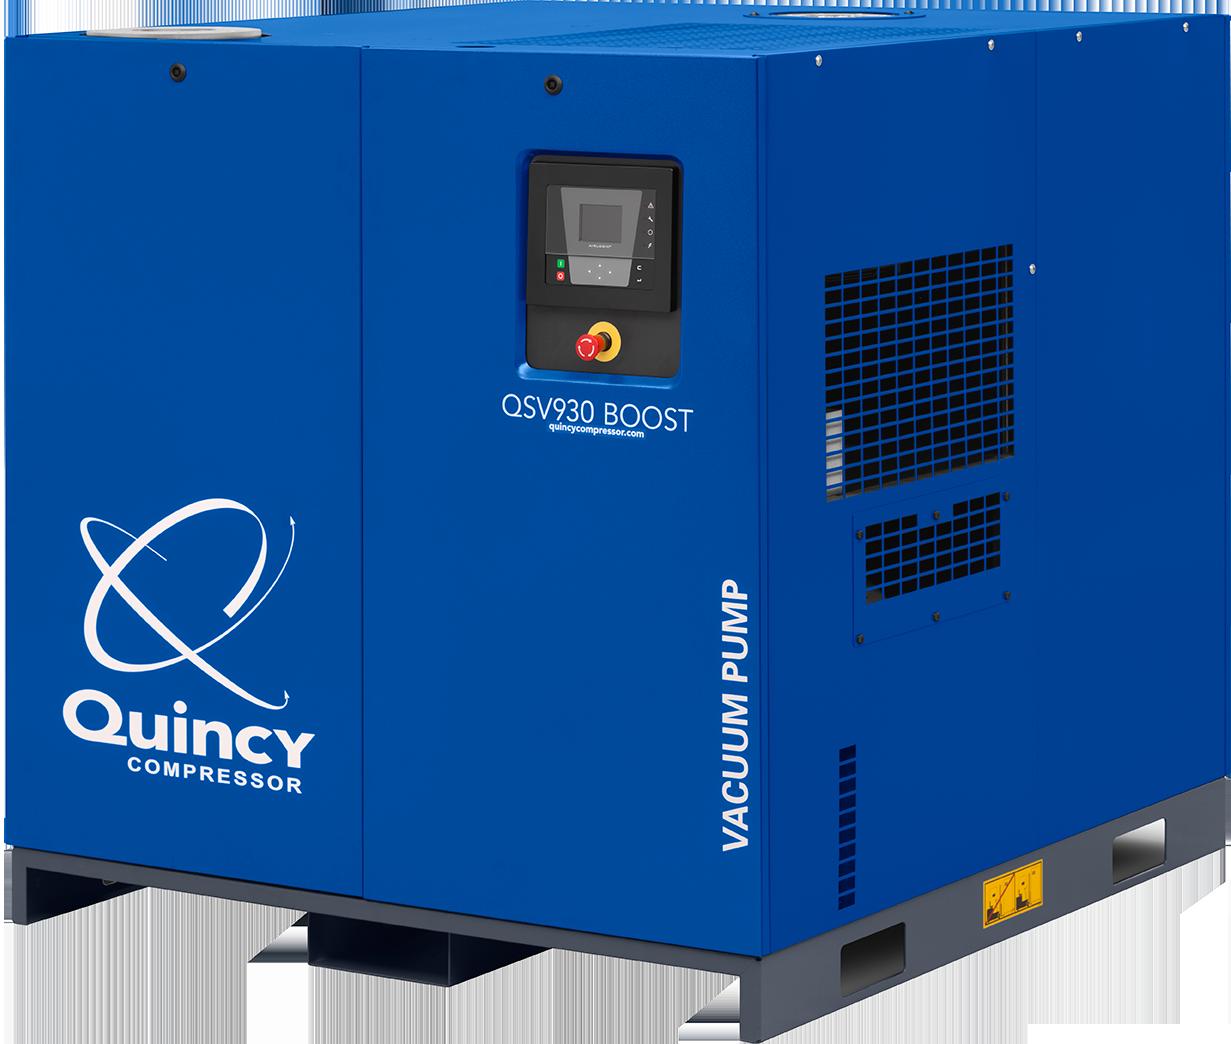 Quincy_QSV-930_Vacuum_Pump.png